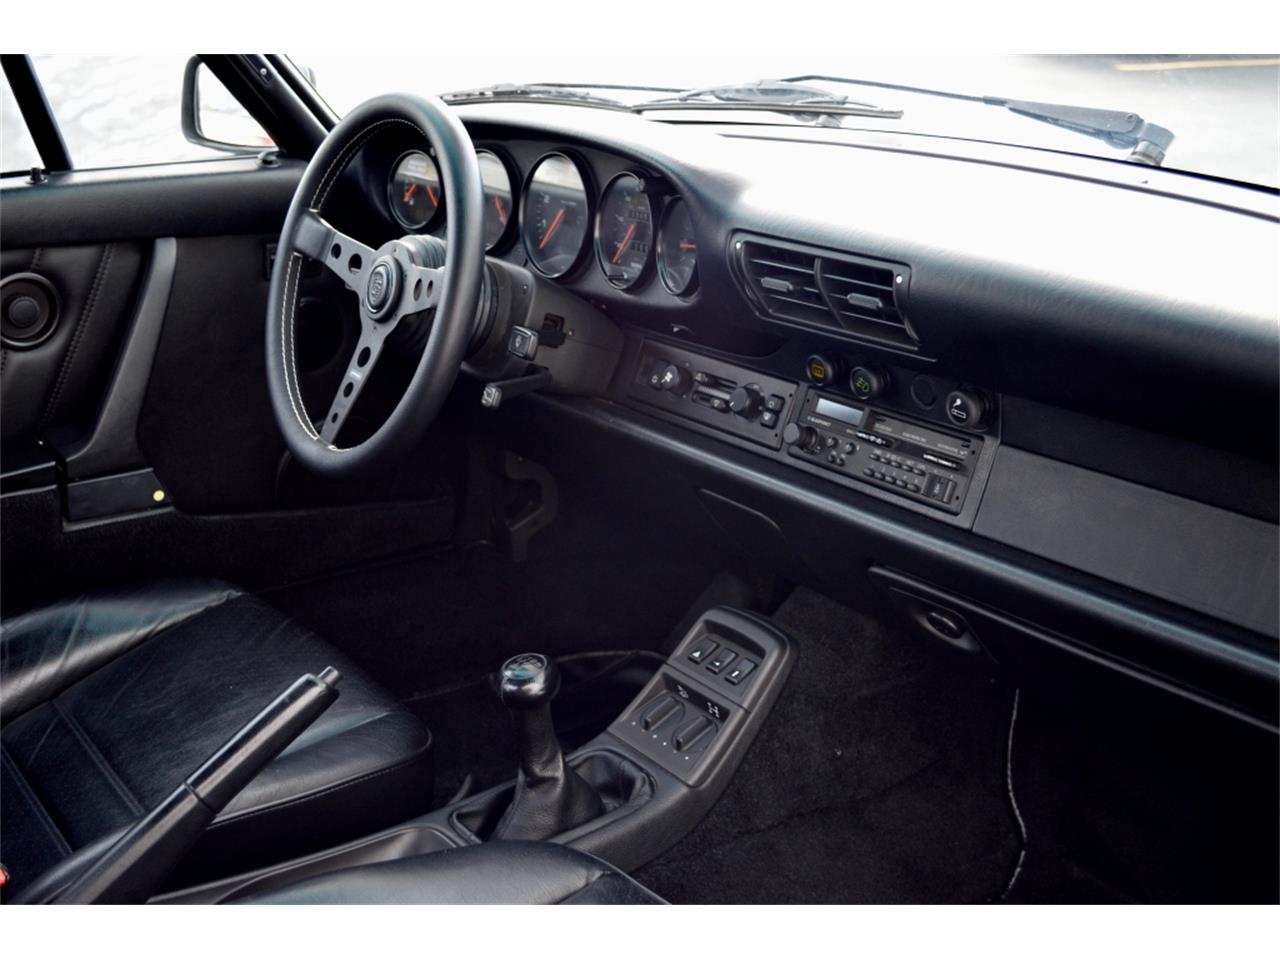 1990 Porsche 911 Carrera 4 (CC-1238579) for sale in West Chester, Pennsylvania